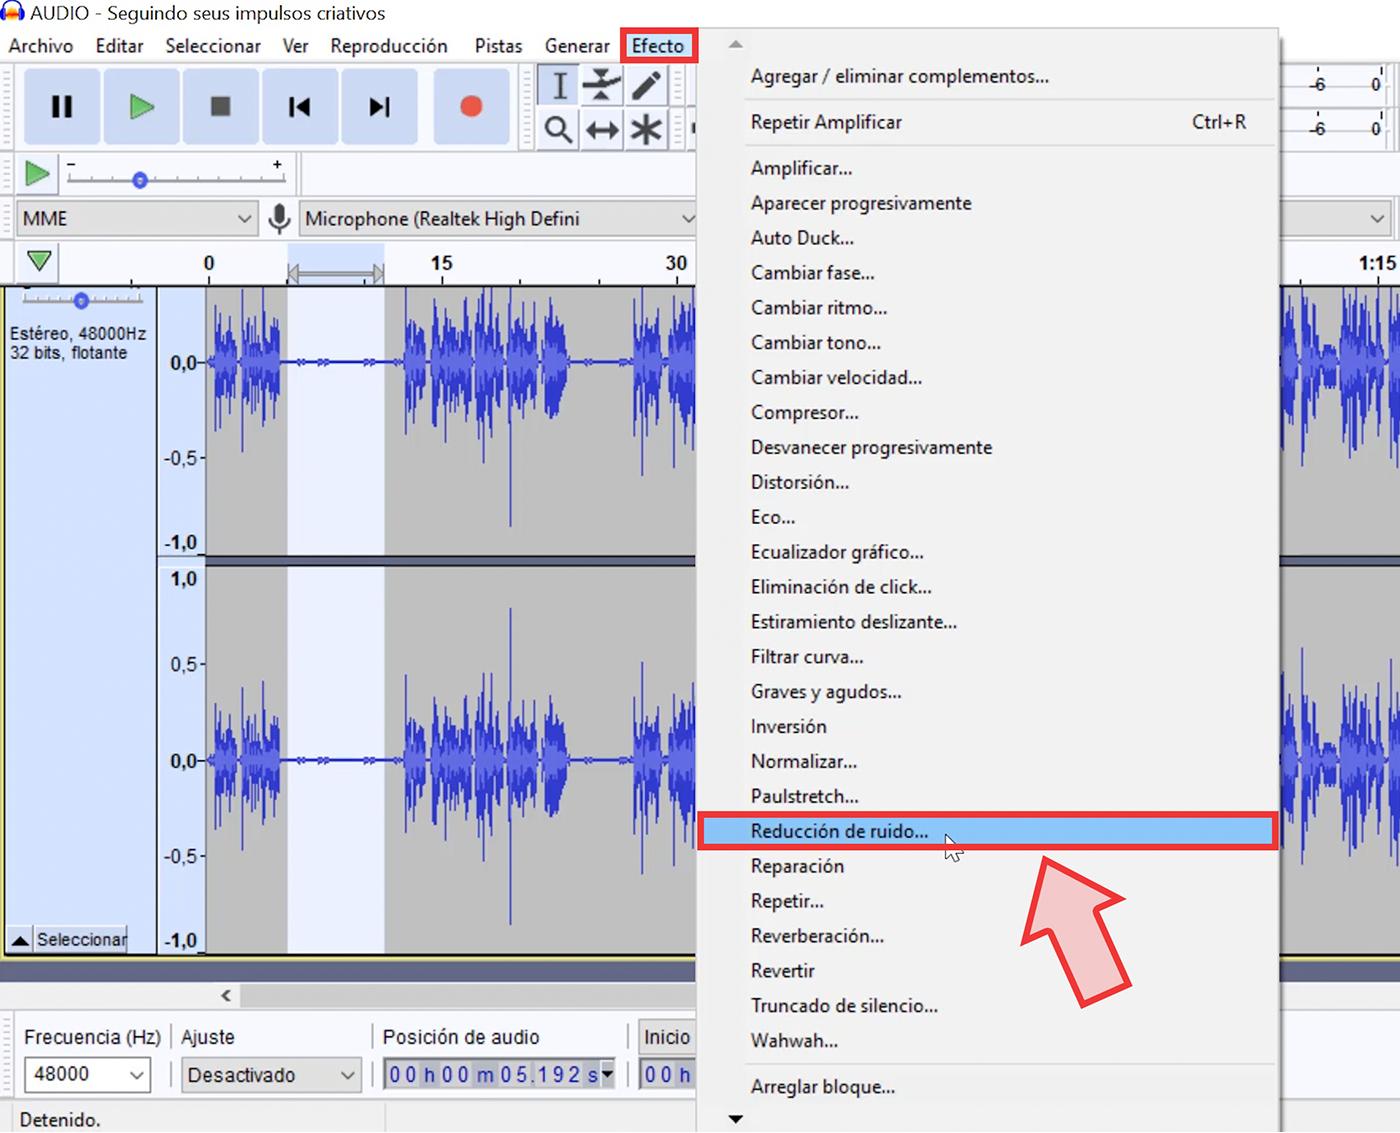 Ahora, haz clic en la pestaña Efecto y selecciona la opción Reducción de ruido.